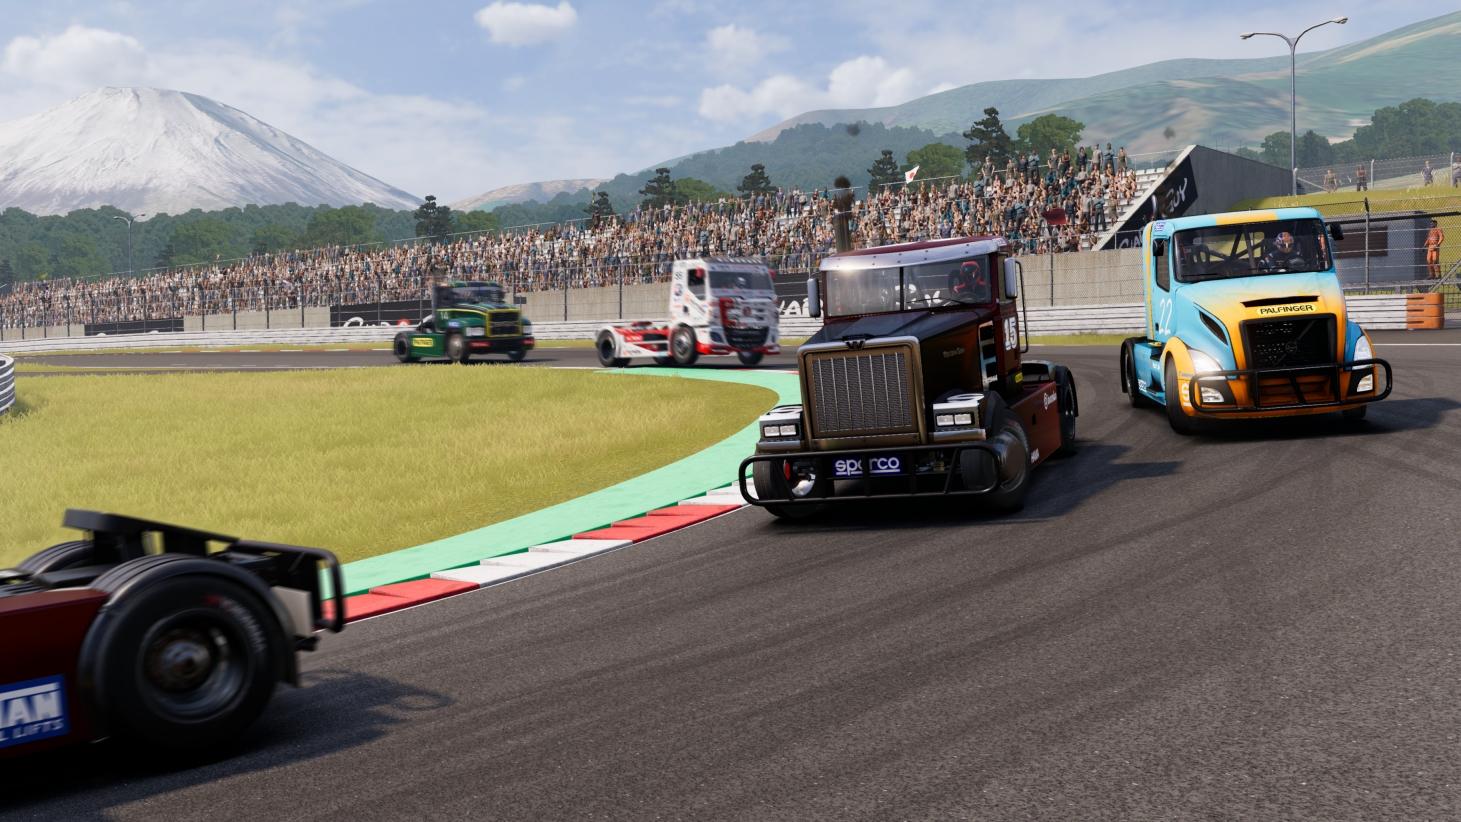 48403648221 f98a818f50 o - FIA European Truck Racing Championship – Mit dem 5-Tonner auf der Piste!